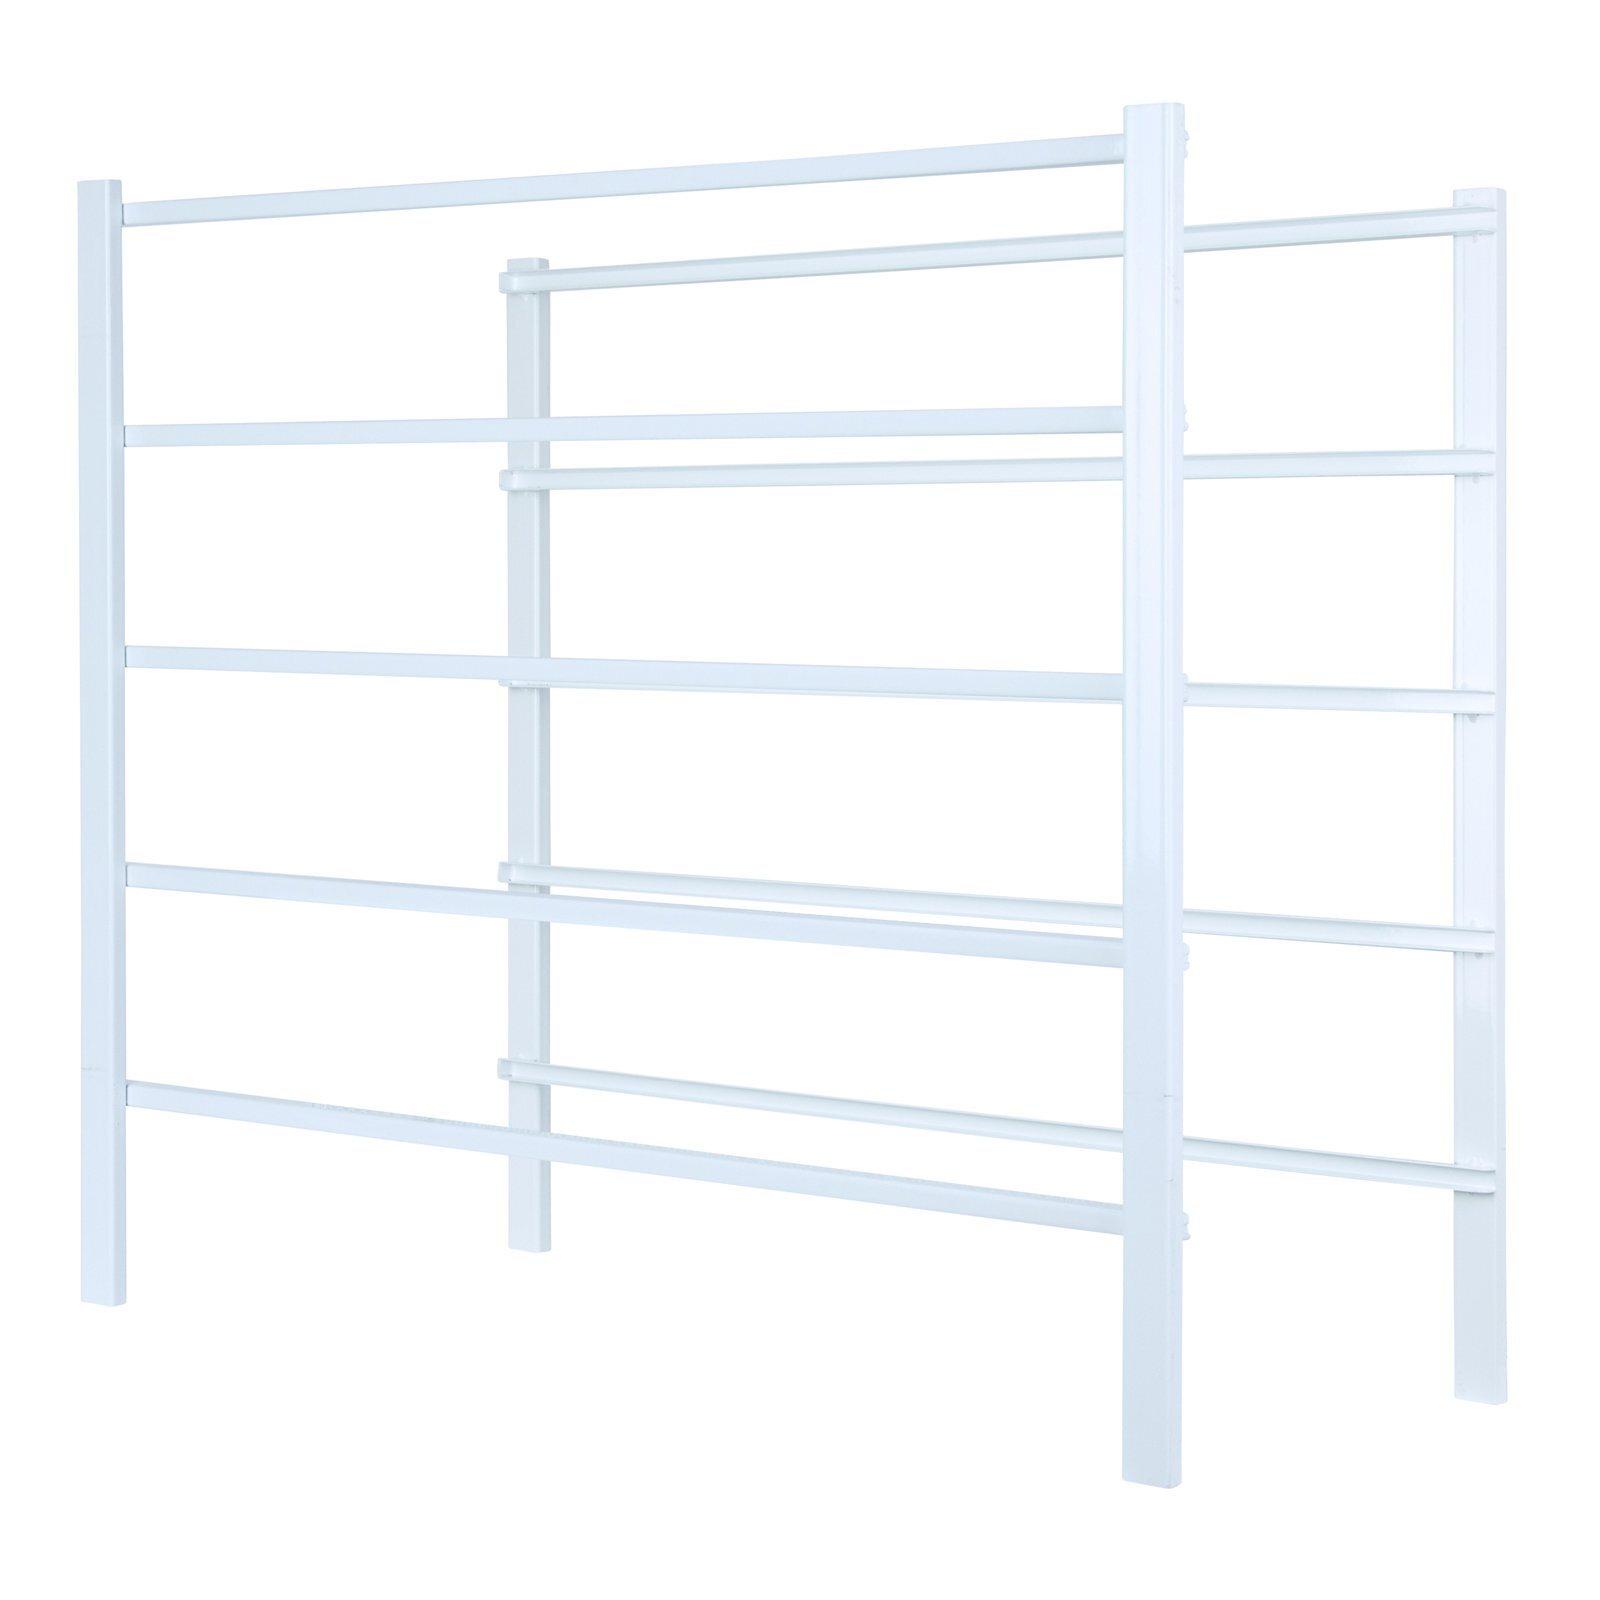 Flexi Storage White 5 Runner Frame